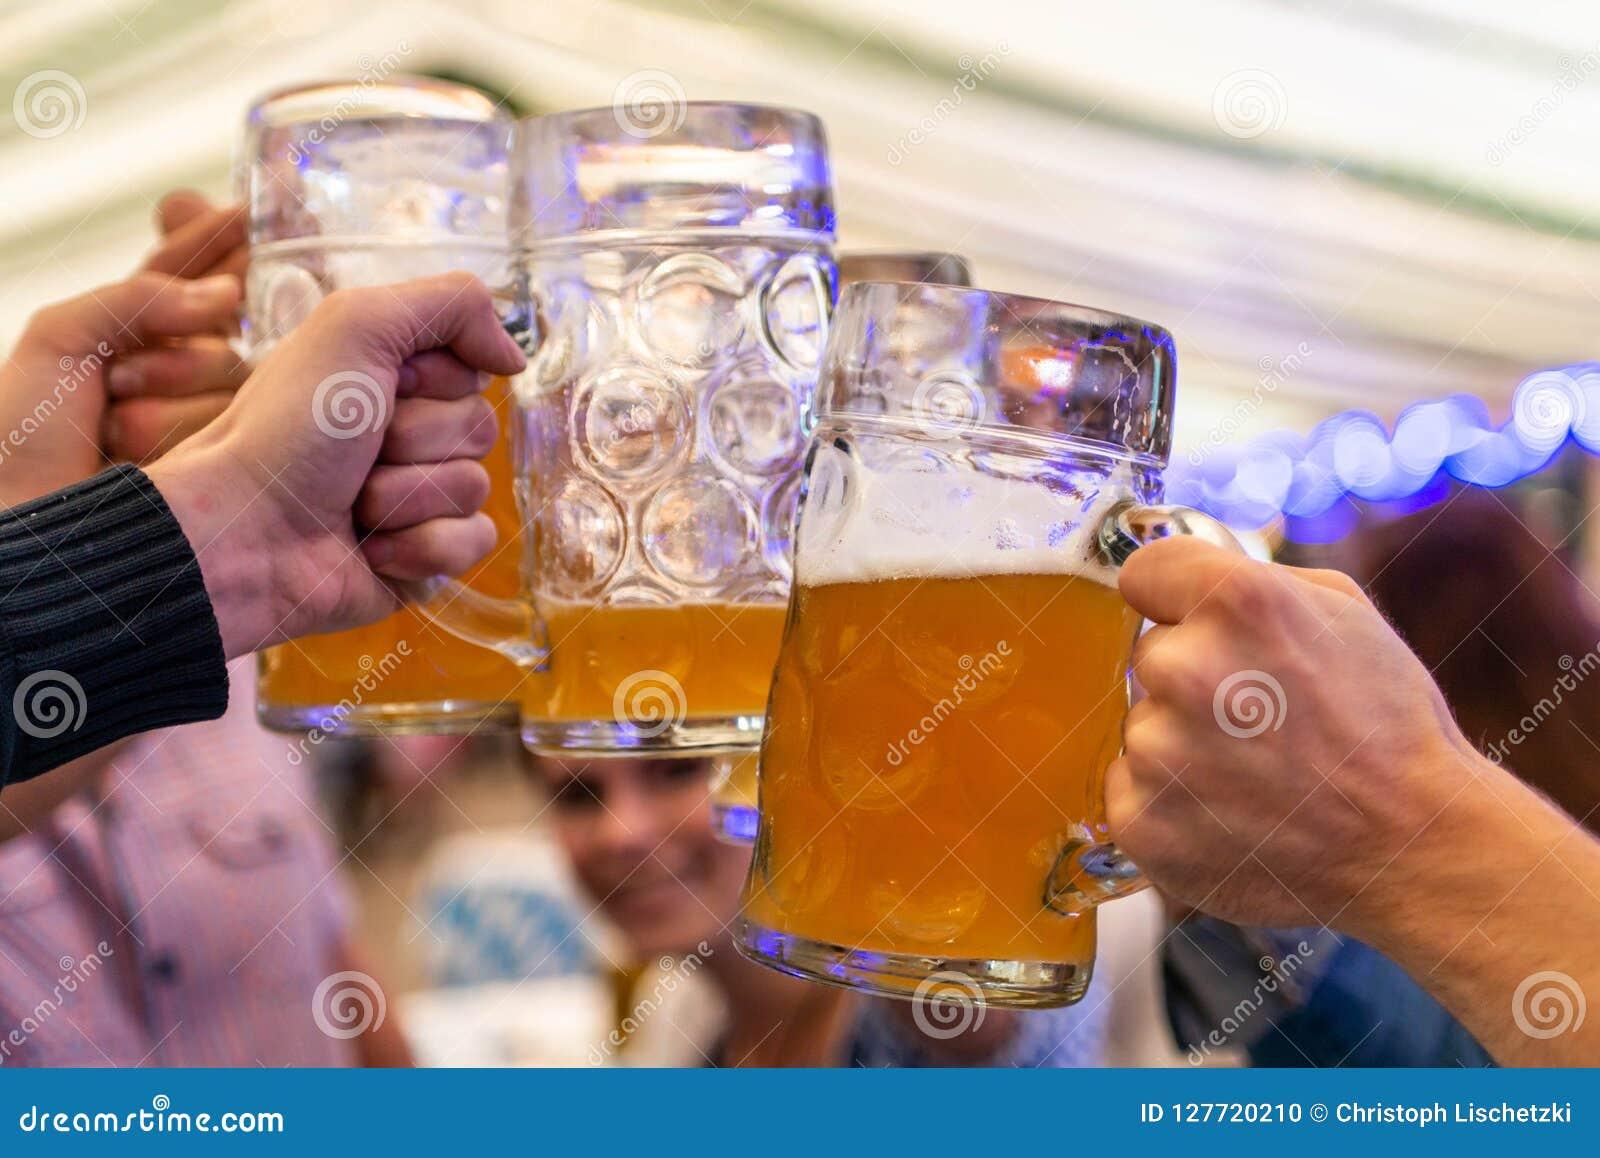 一个小组敬酒与杯的青年人朋友啤酒在慕尼黑啤酒节德国软的焦点 浅DOF